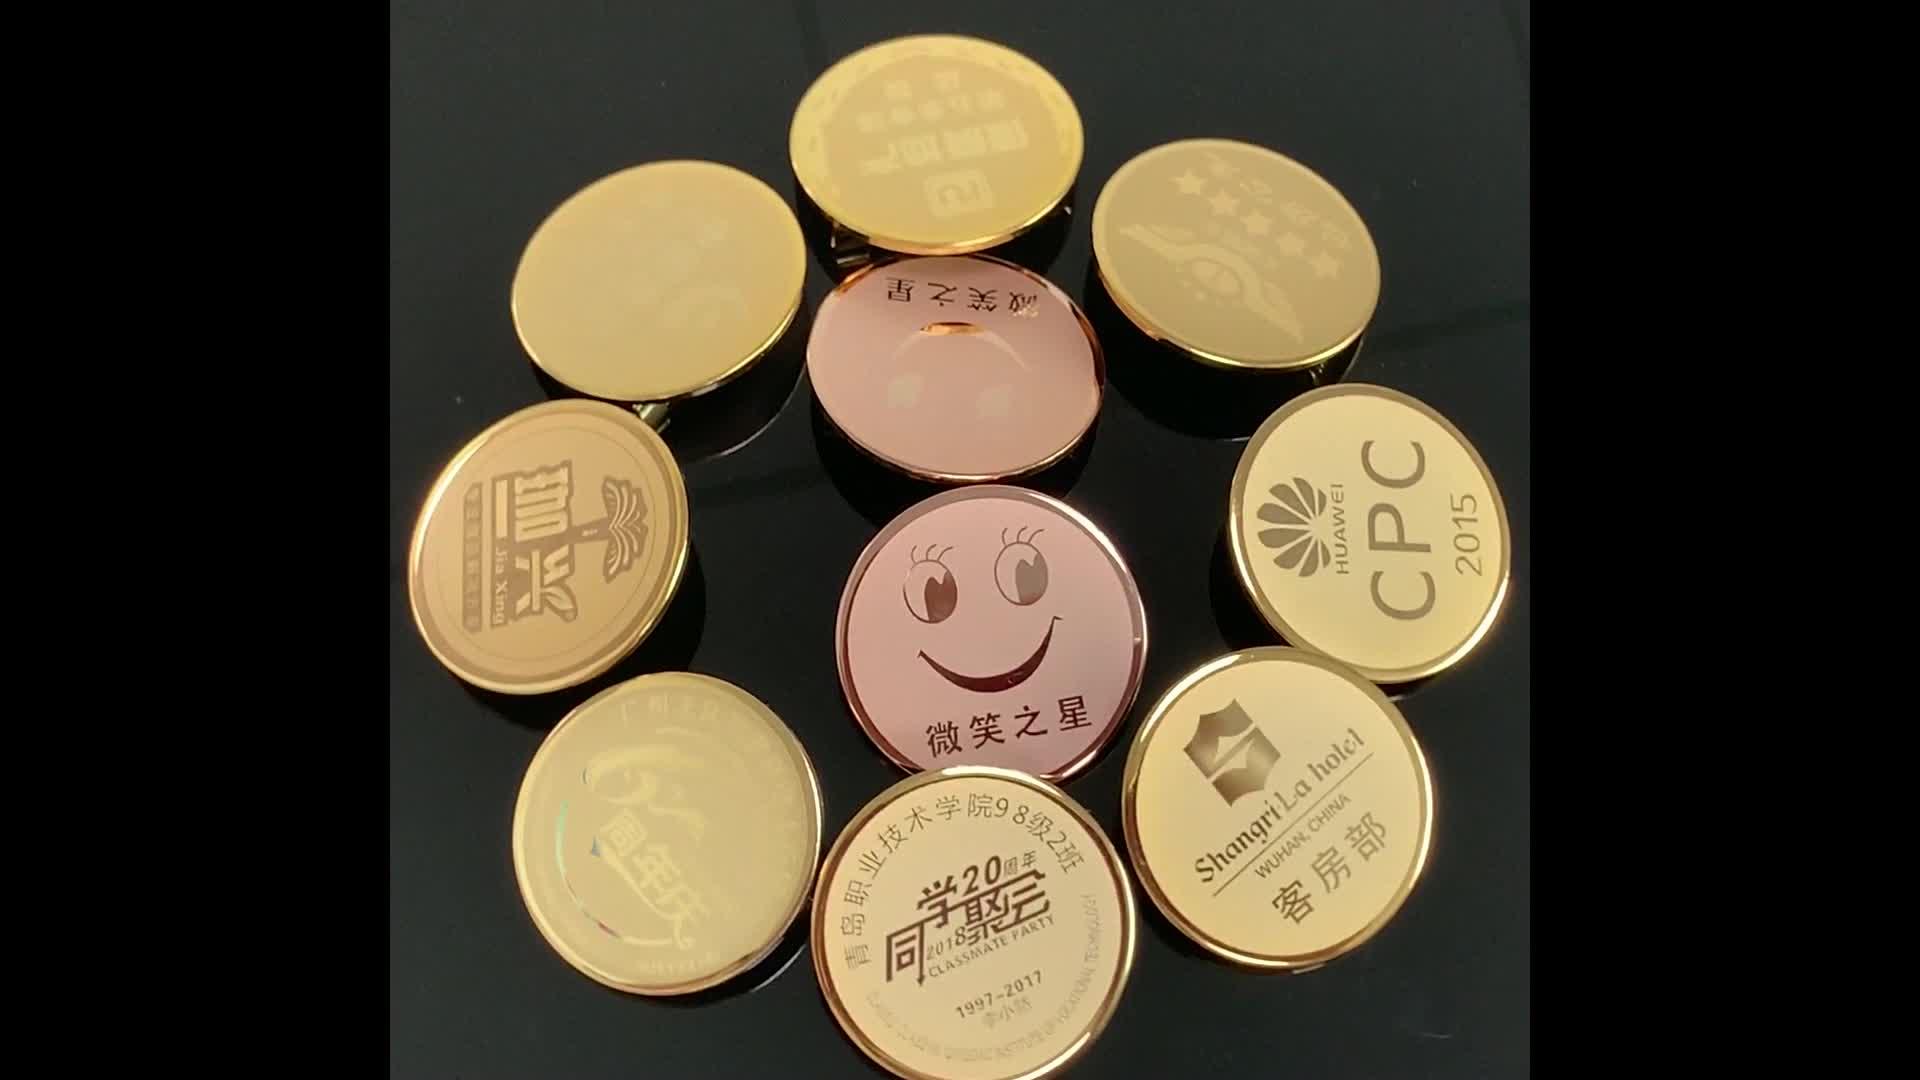 金属圆形胸牌定做员工校牌胸章不锈钢周年庆logo公司会议纪念徽章